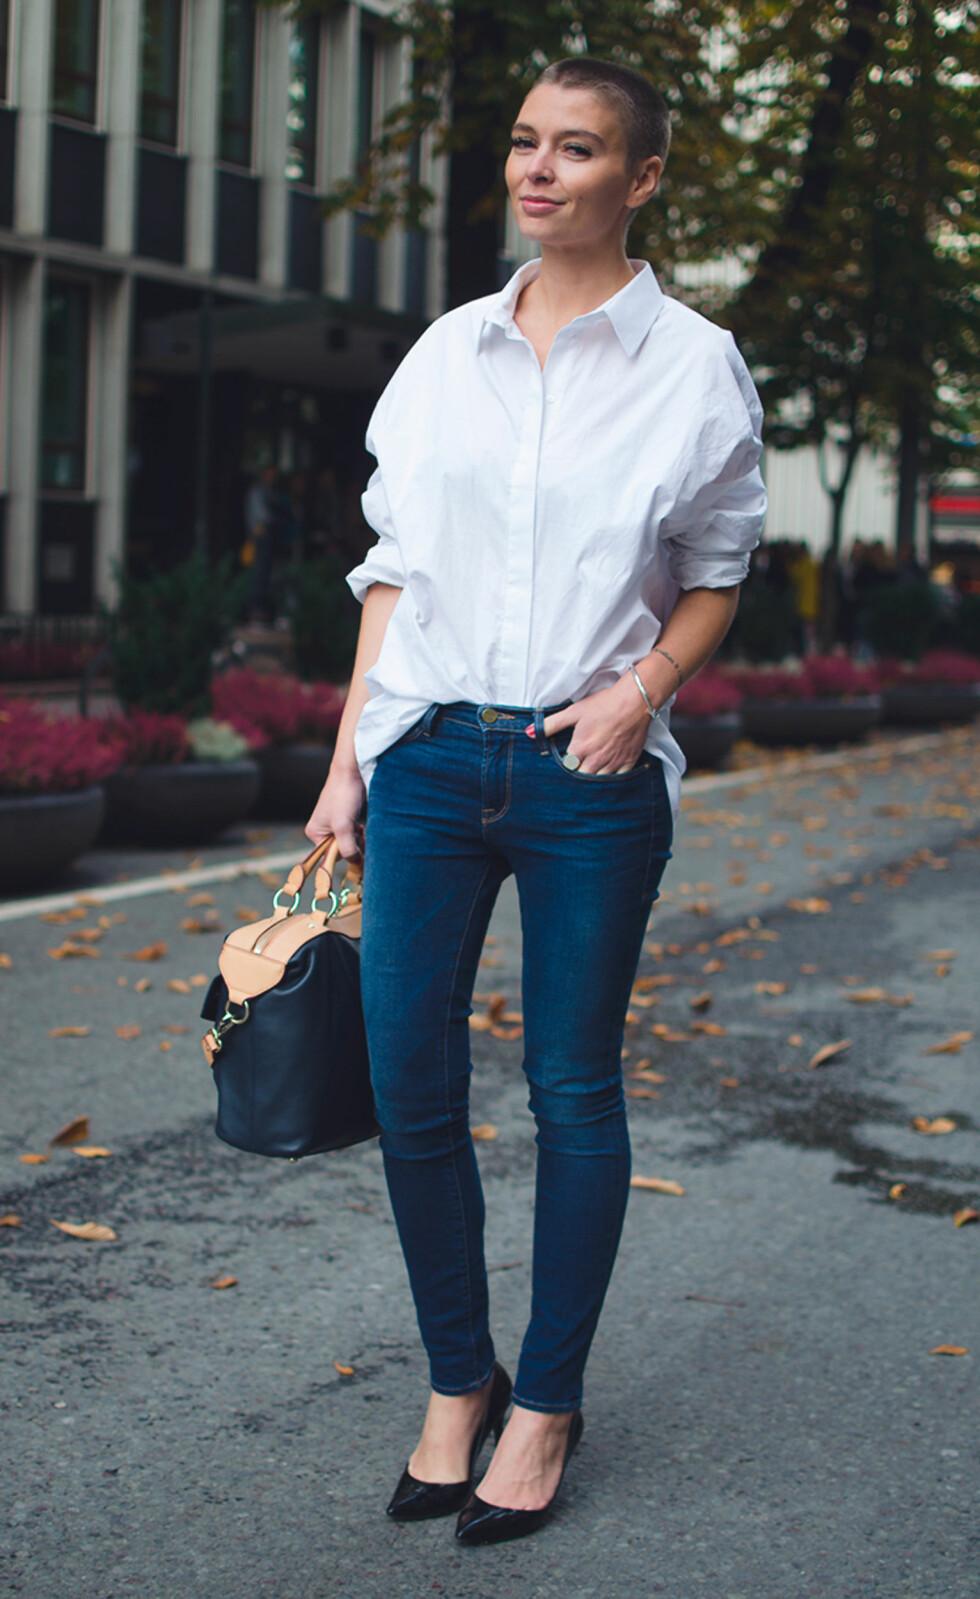 <strong>KLASSISK:</strong> Det er ikke så mye som skal til for å se fresh, oppdatert og stilsikker ut. En oversized hvit skjorte og et par jeans som sitter fint kan styles til alt!  Foto: Outandaboutmarie.com